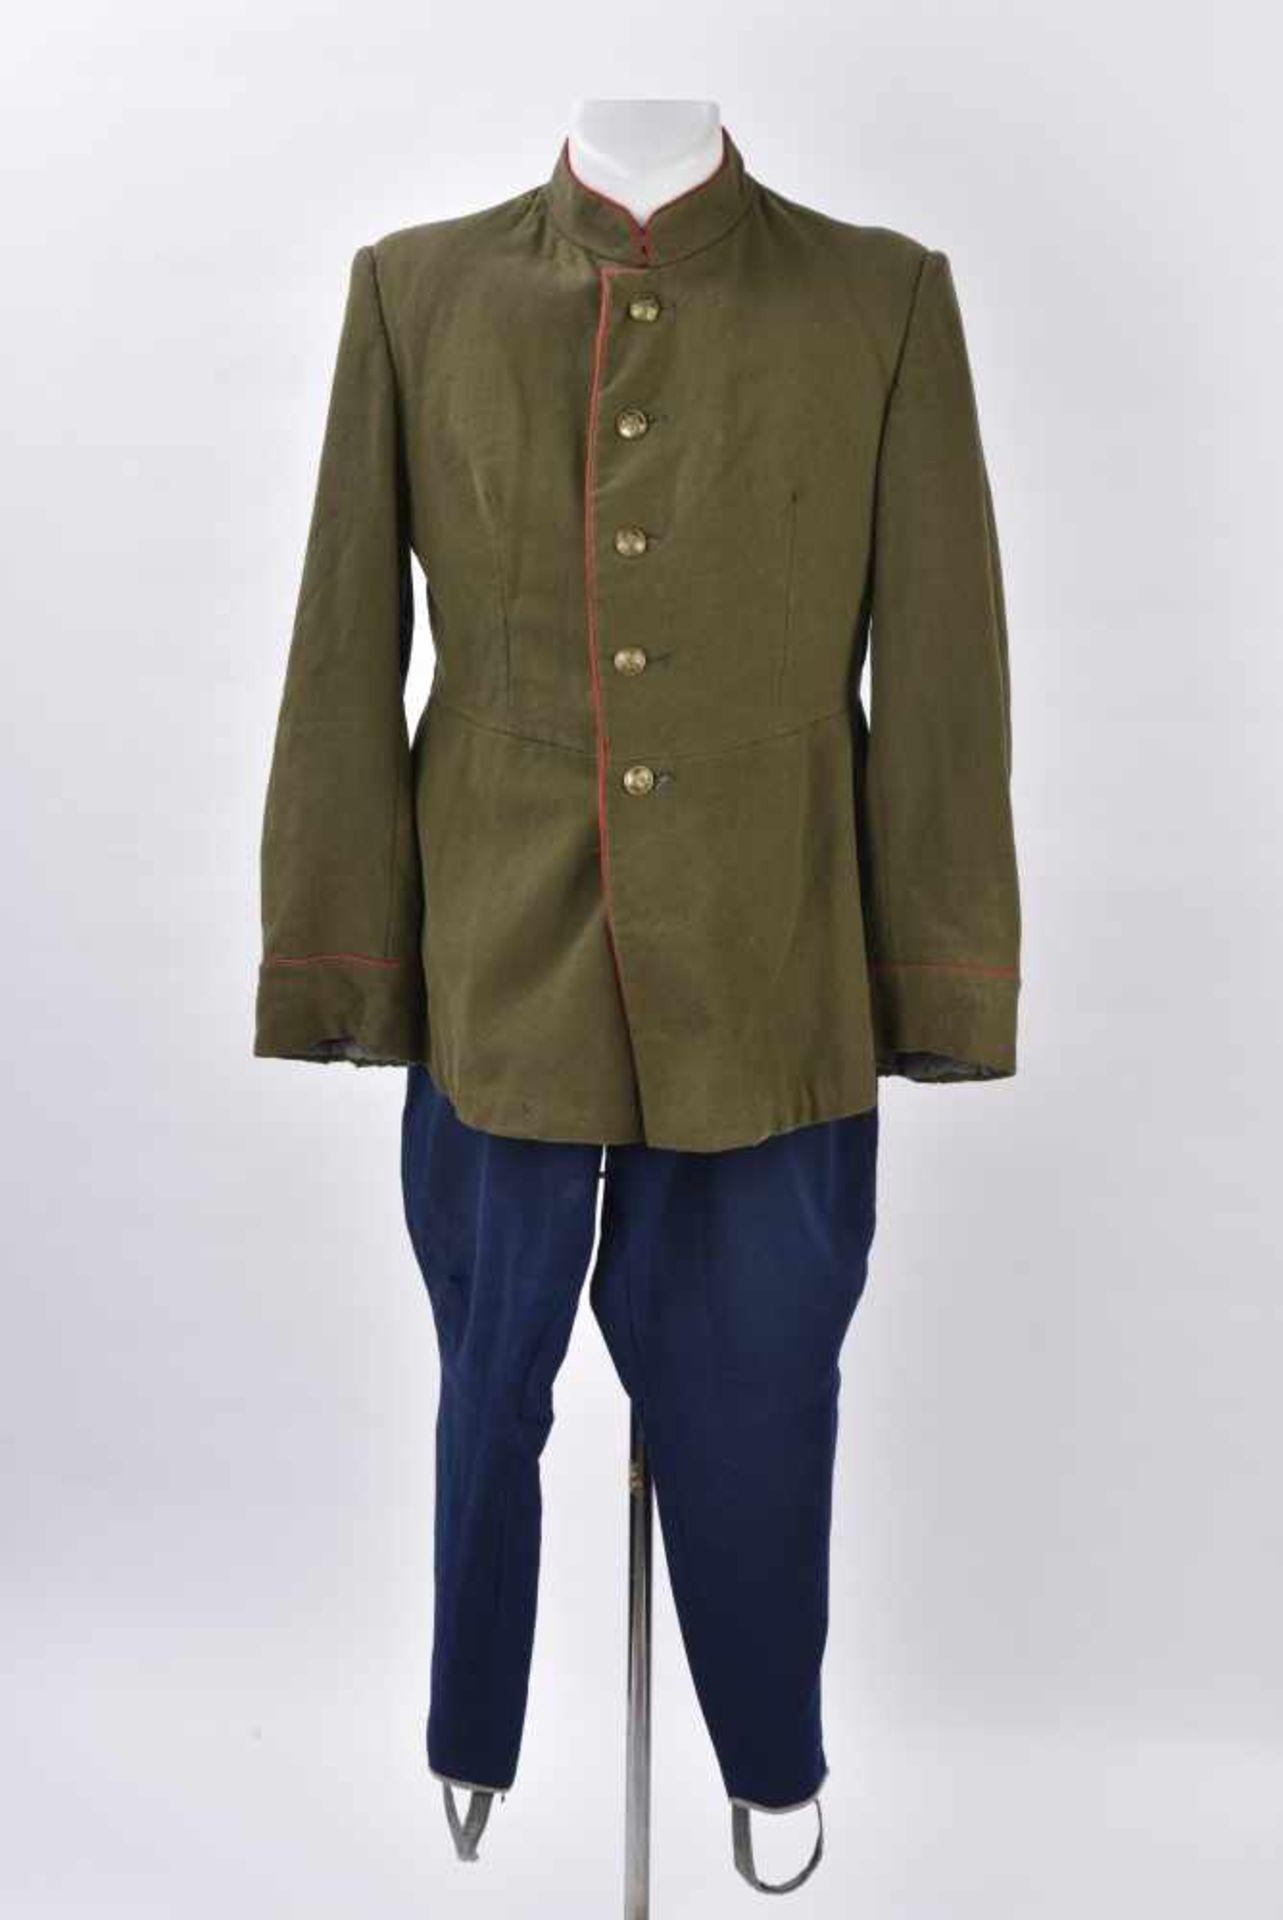 Ensemble comprenant veste Mundir d'un soldat de l'artillerie ou des blindés. Passepoil rouge et